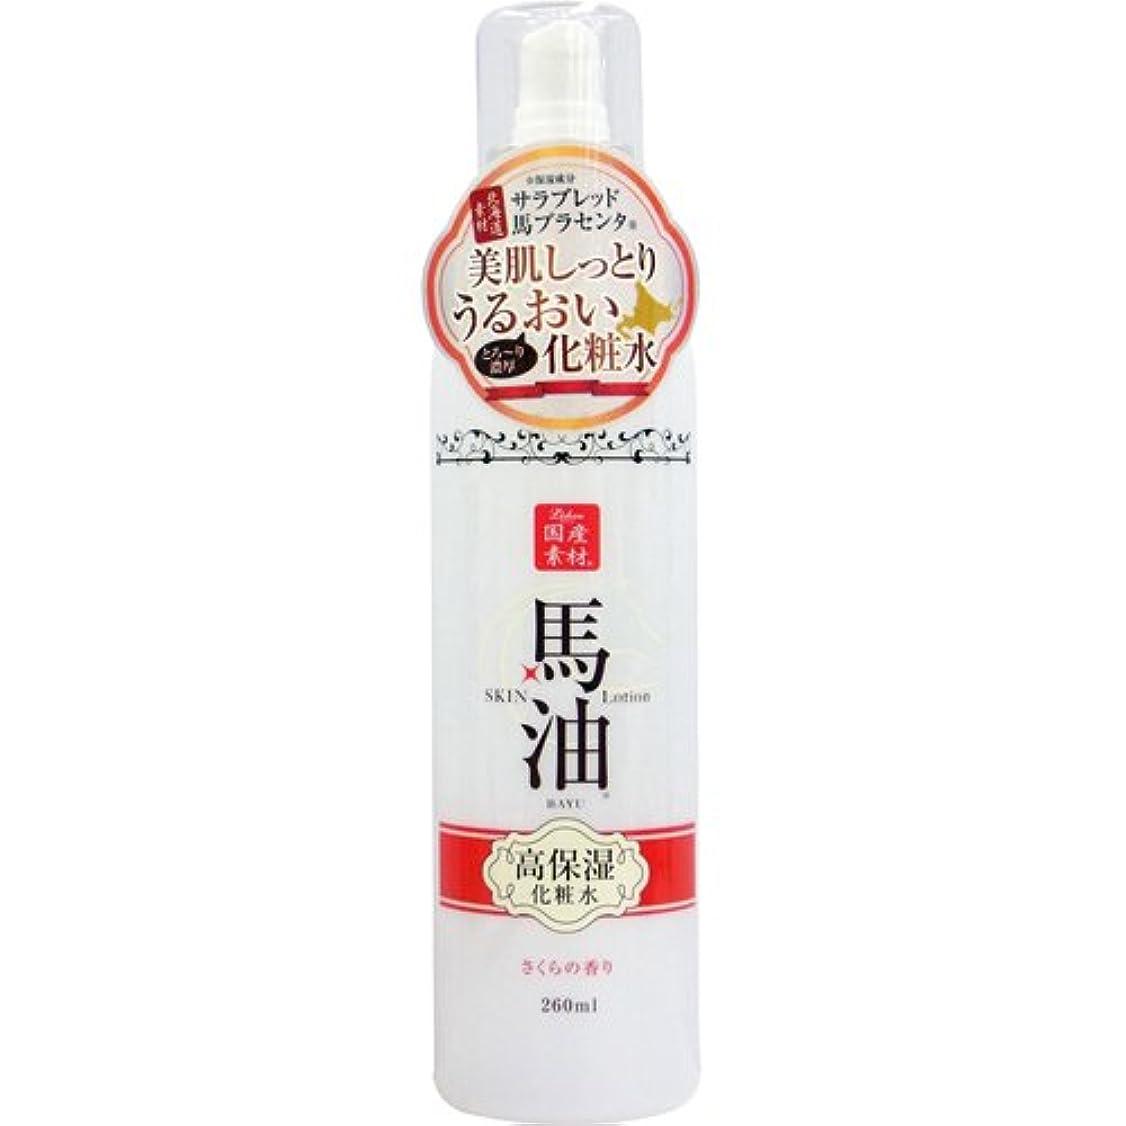 それぞれ頑固なトラックリシャン 馬油化粧水 (さくらの香り) (260mL)